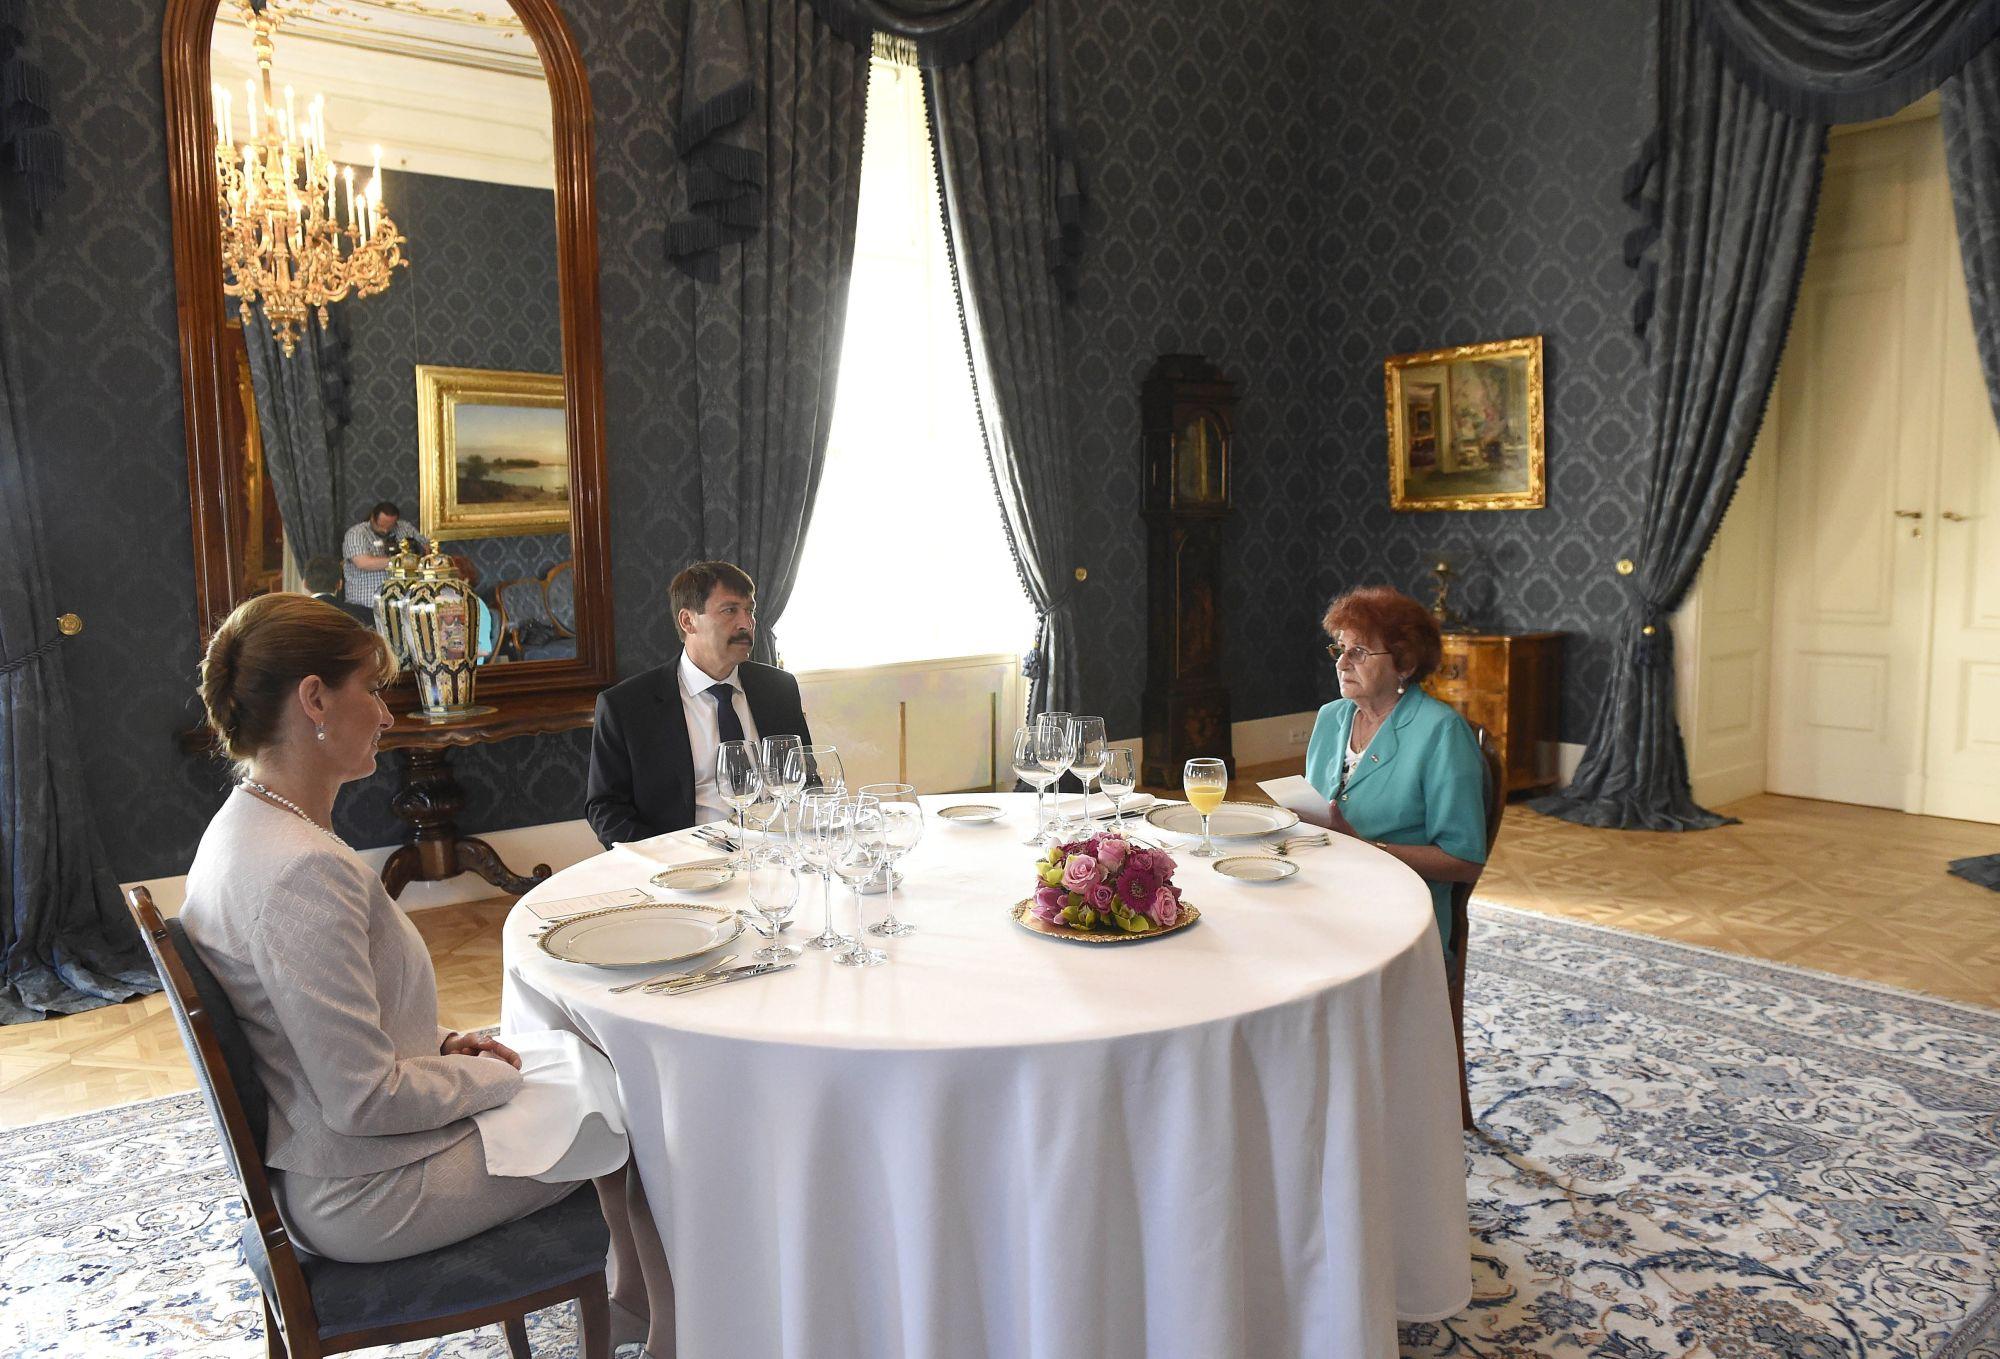 Bajszos János köztársasági elnök tiszteletvacsorán látja vendégül Wittner Máriát, a tükörben befigyel egy ünnepi kockásingbe bújt operatőr (MTI Fotó: Bruzák Noémi)